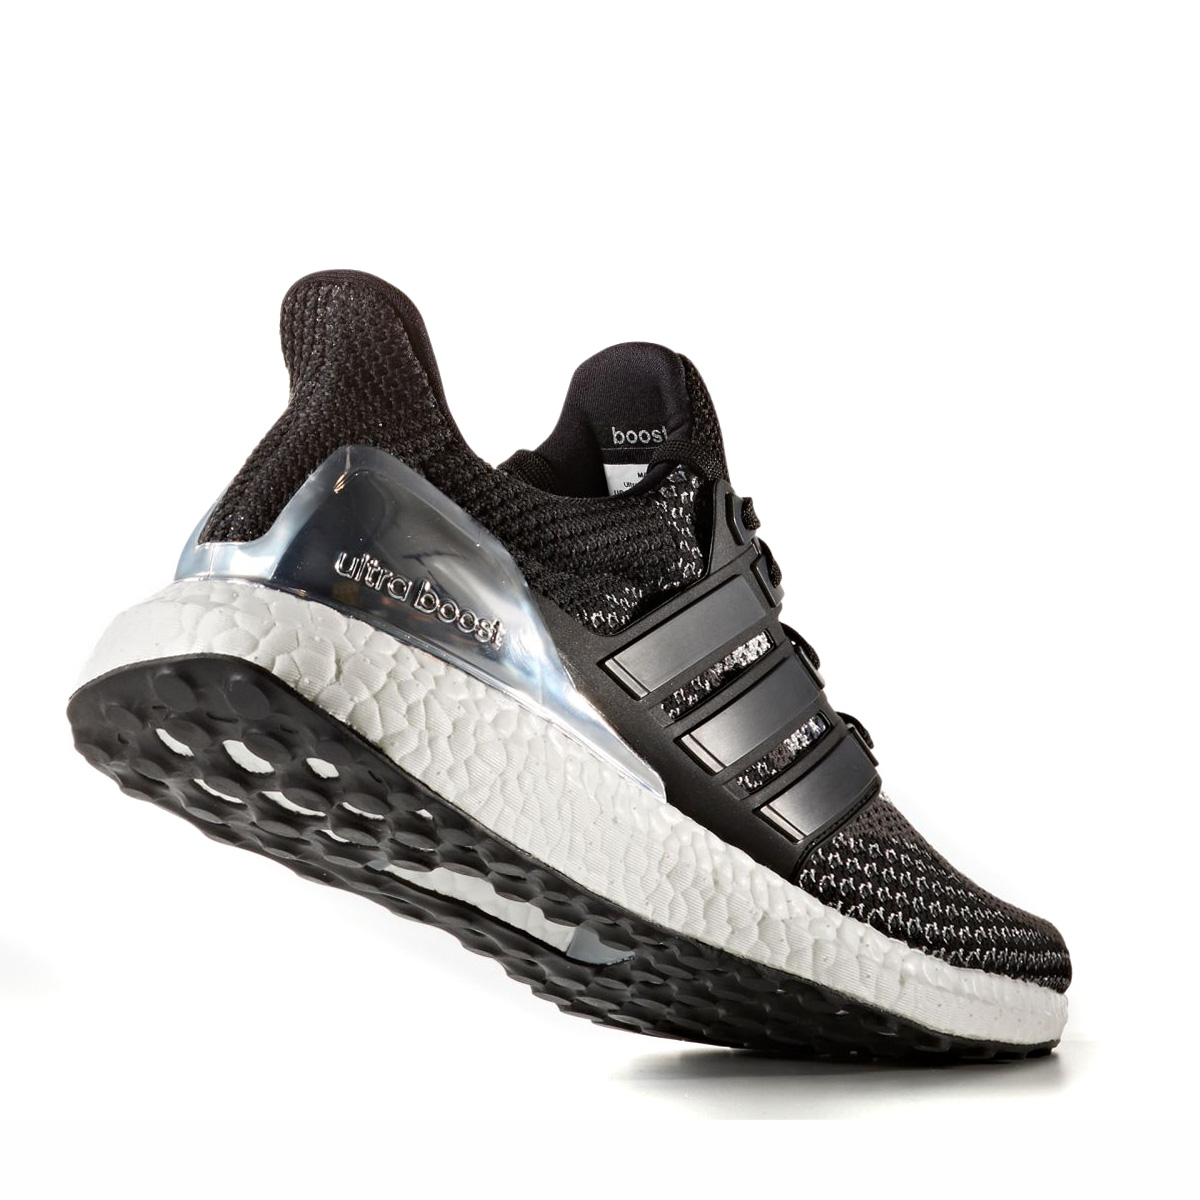 e70c1011e adidas UltraBOOST Ltd Celeb. (CORE BLACK CORE BLACK SILVER MET) (Adidas  ultra boost LTD celebrity)